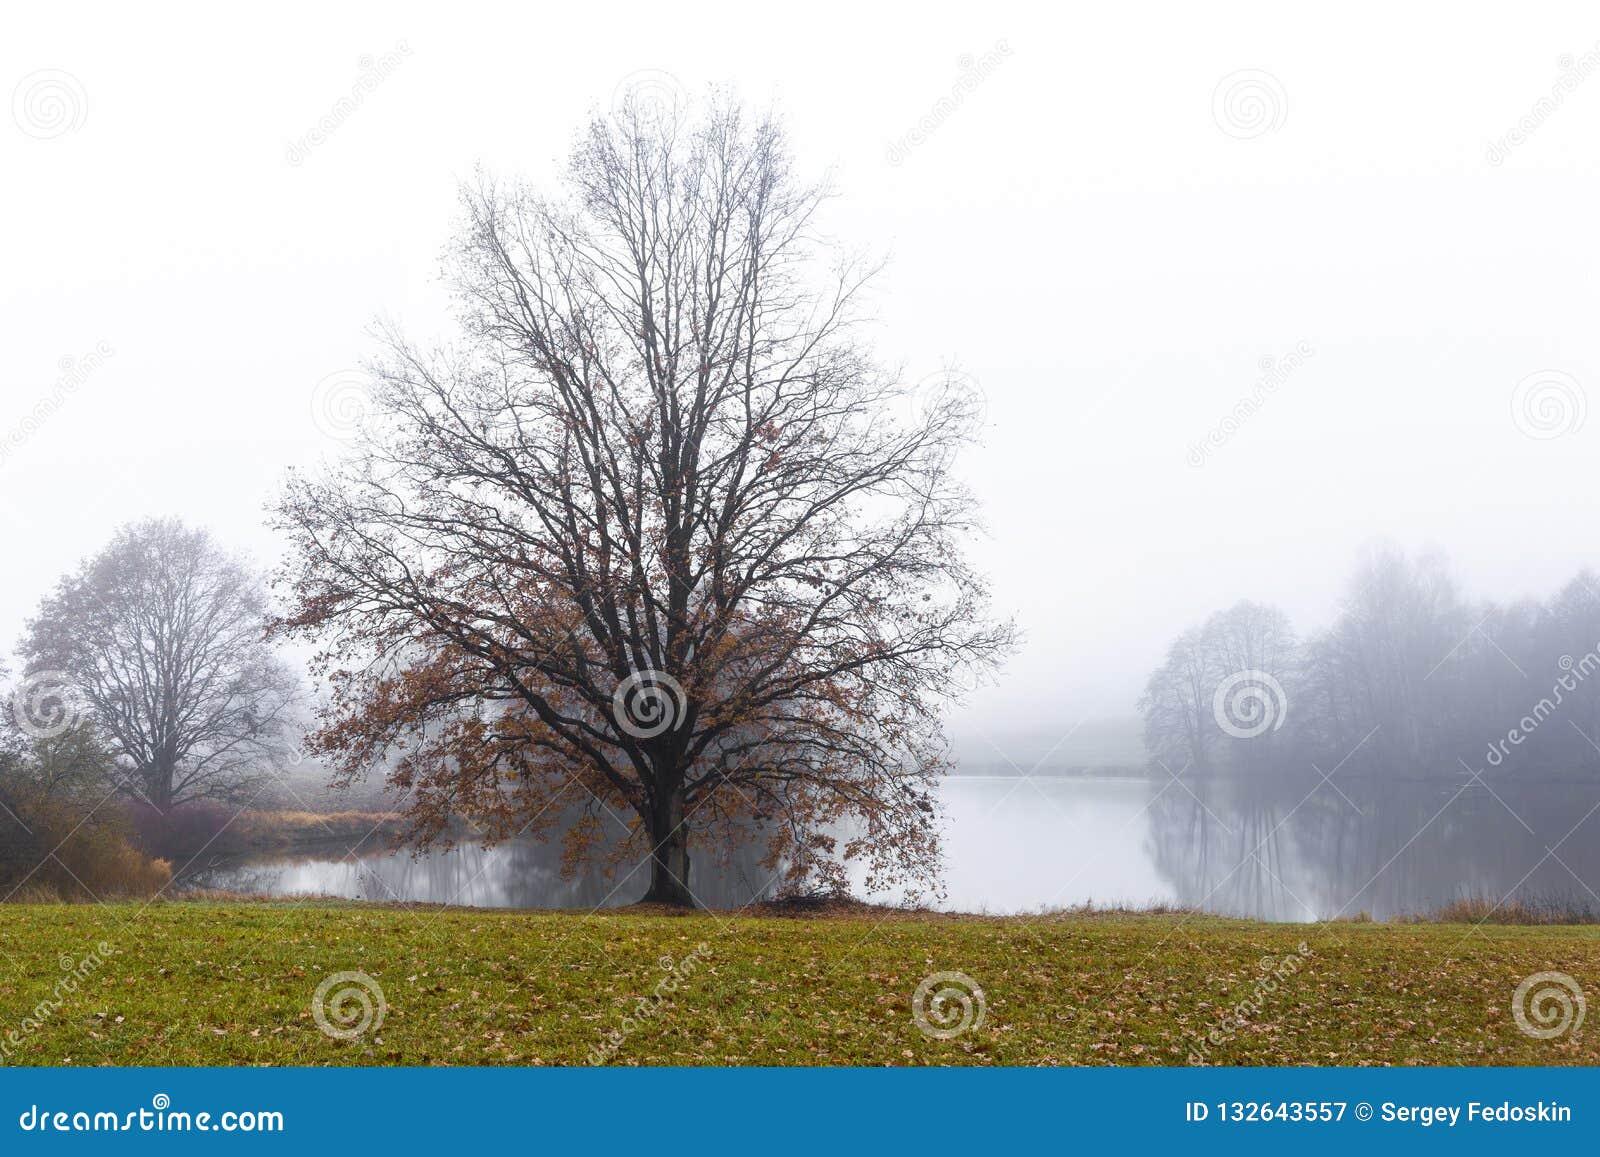 Oude eik over de waterspiegel van een stil meer in de mist